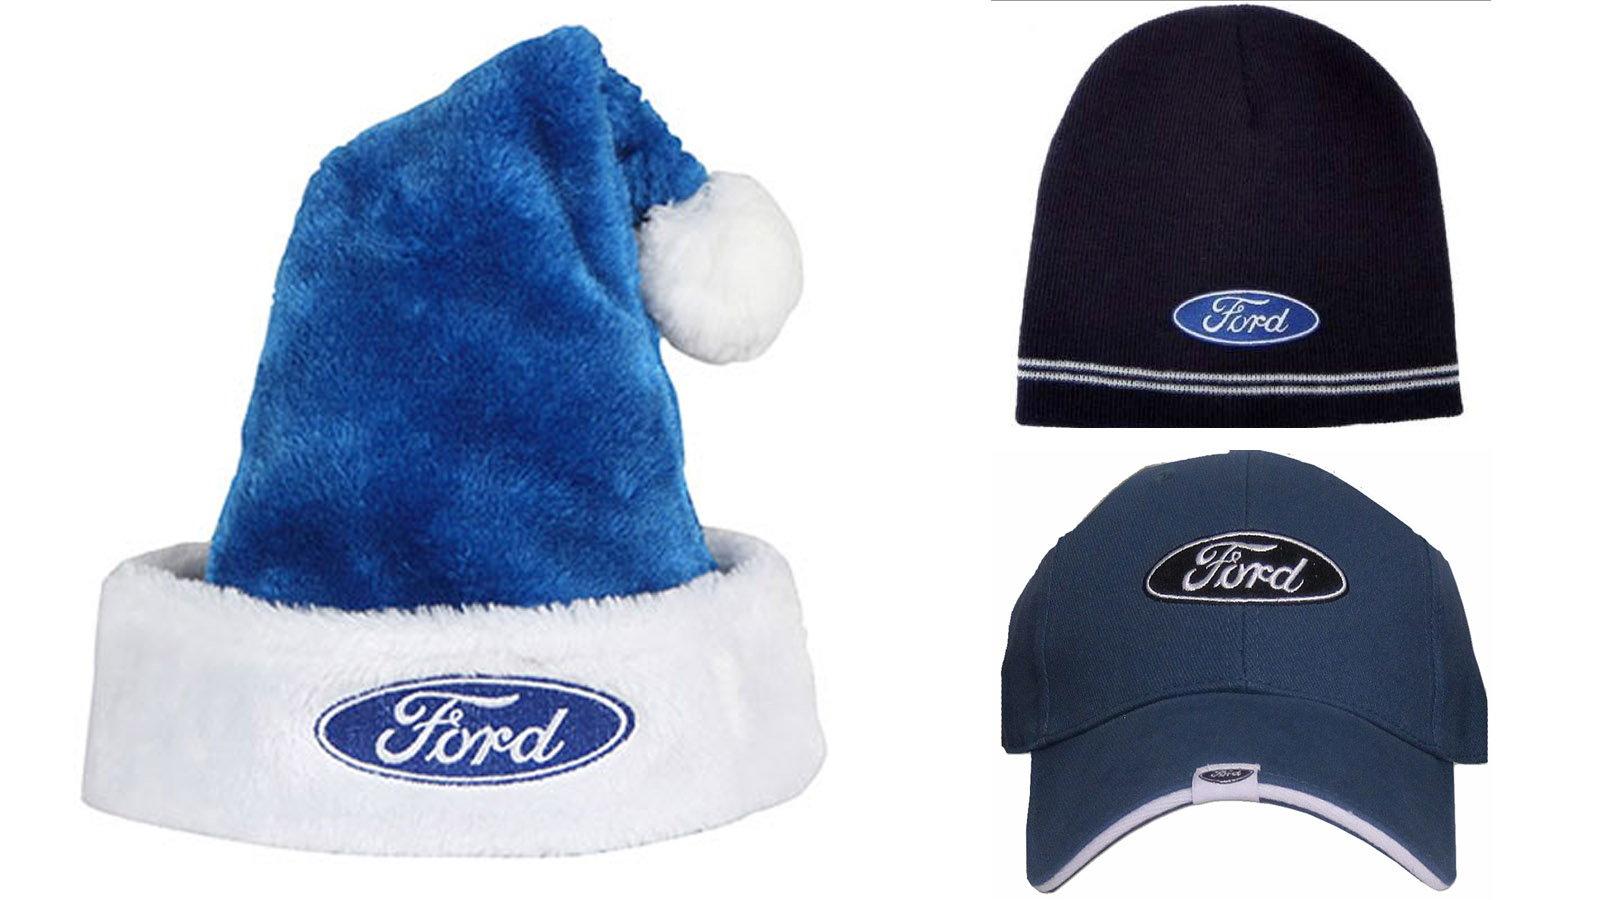 Ford Santa Hat/Beanie/Cap